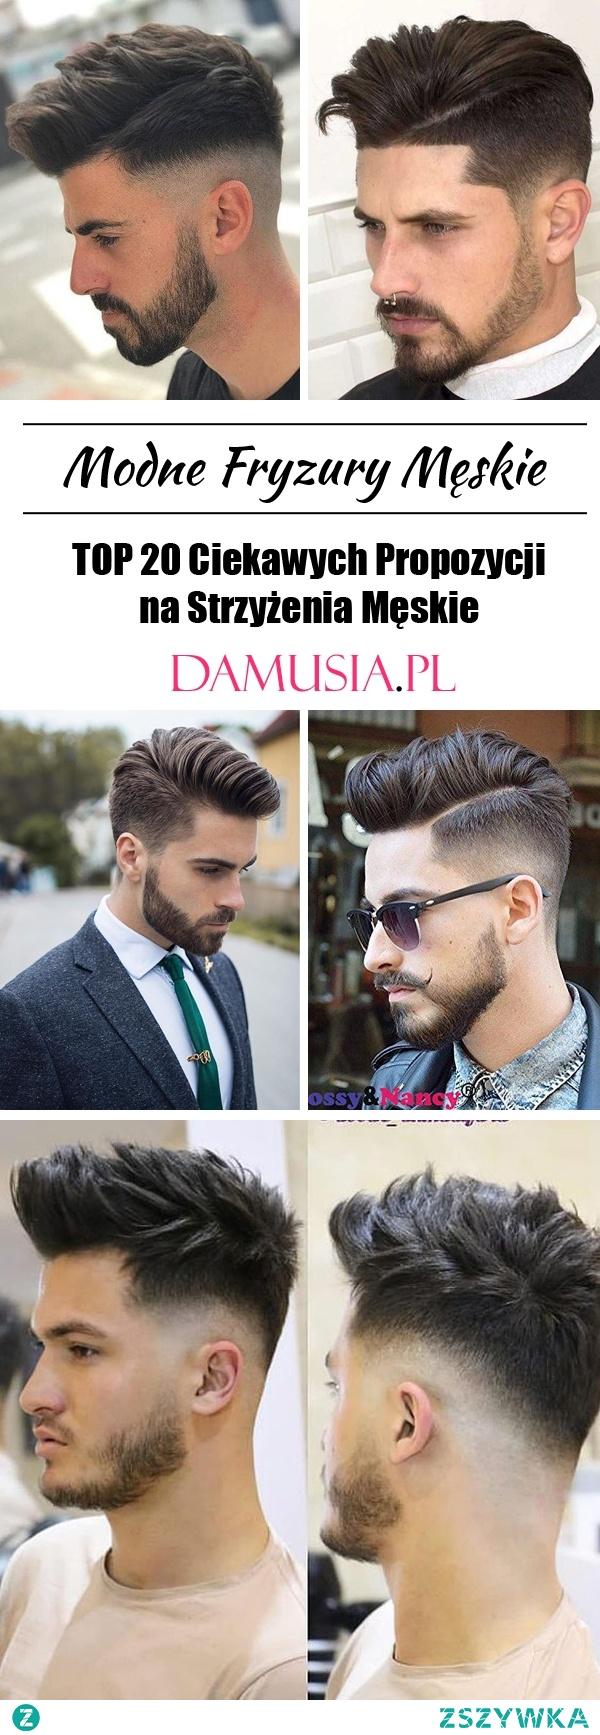 Modne Fryzury Męskie – TOP 20 Ciekawych Propozycji